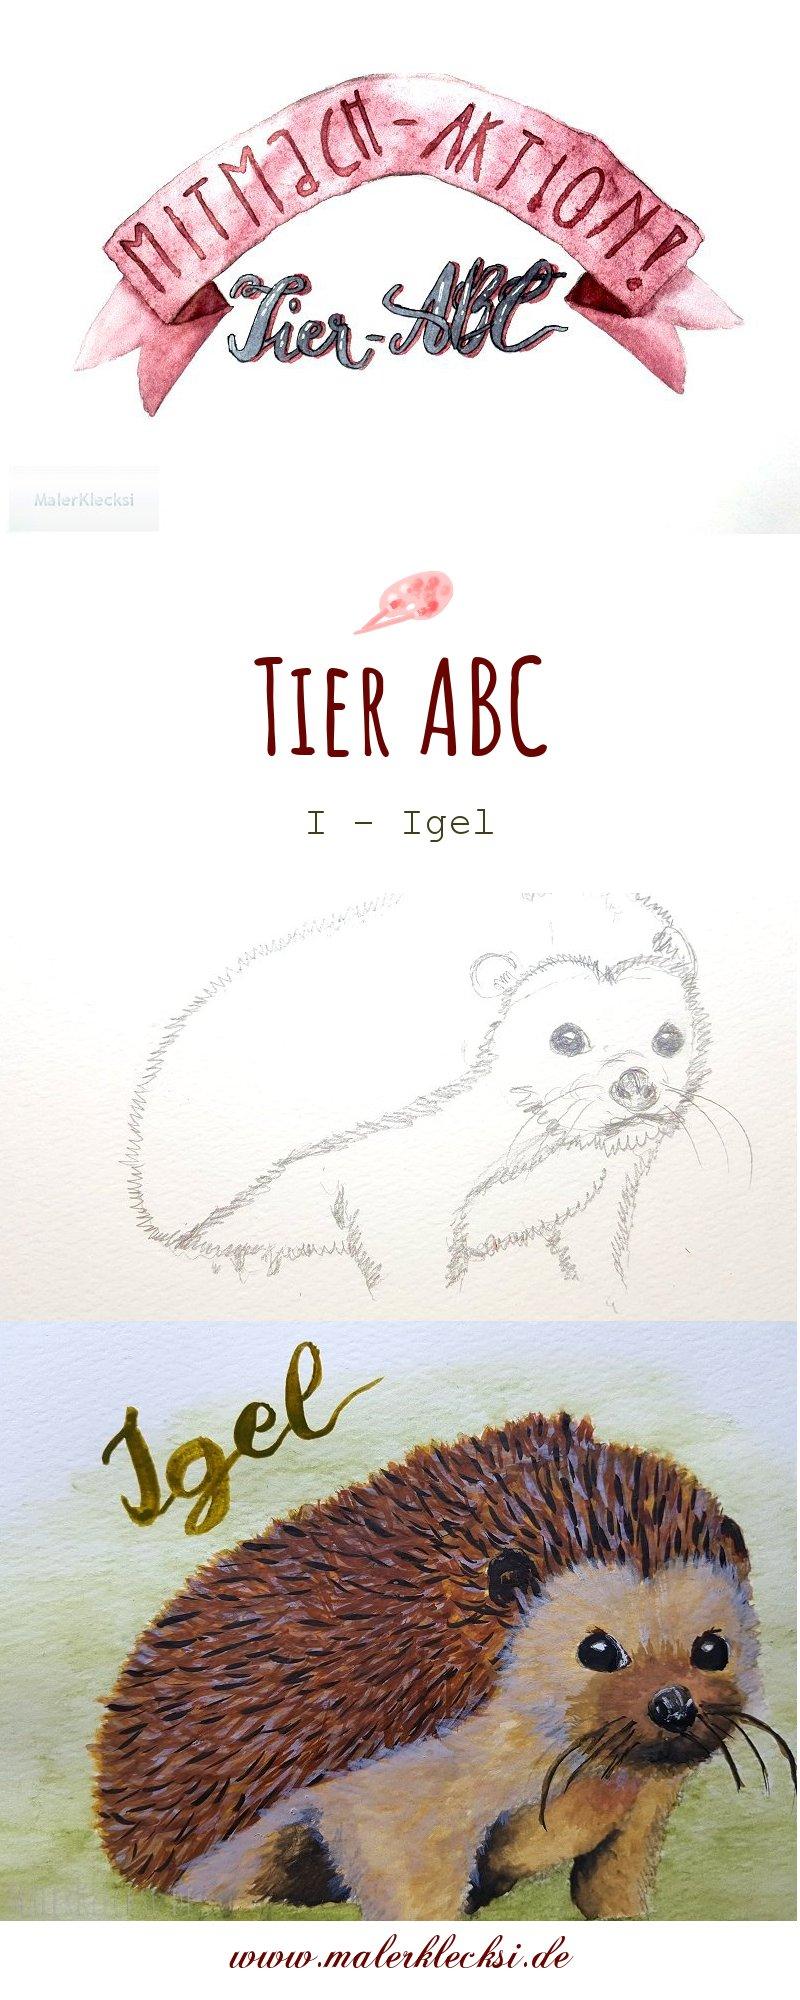 Mitmach-Aktion Tier-ABC diesmal ist das I für Igel an der Reihe.